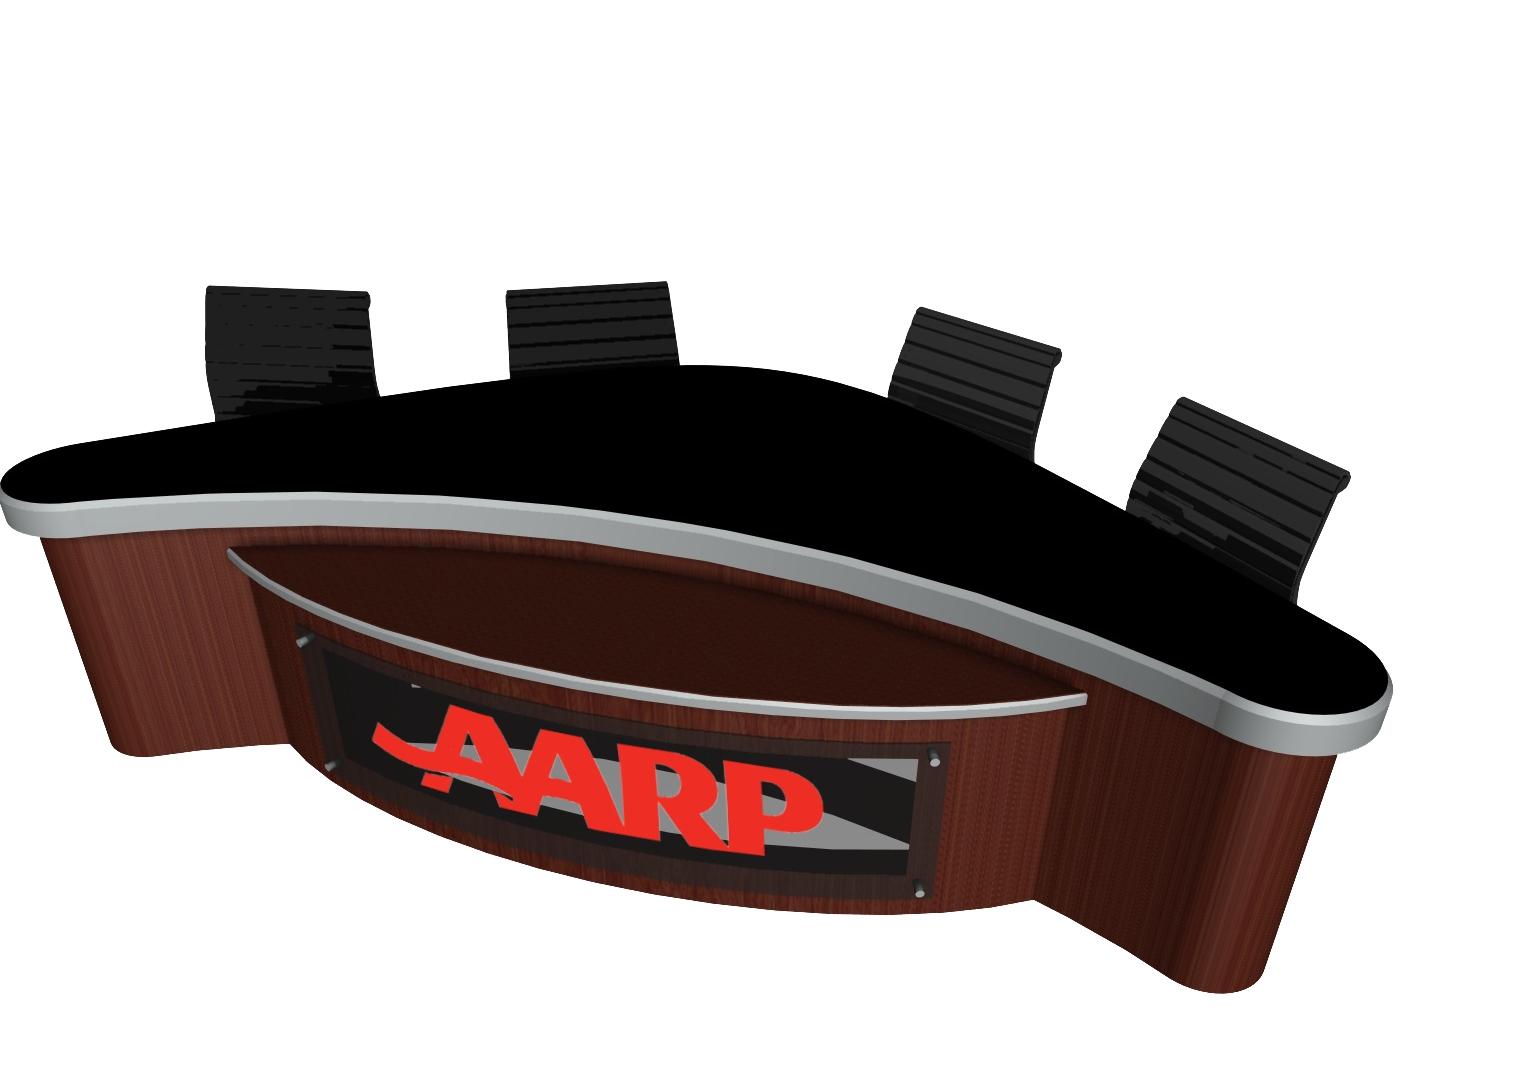 AARPChairsGraphic.JPG